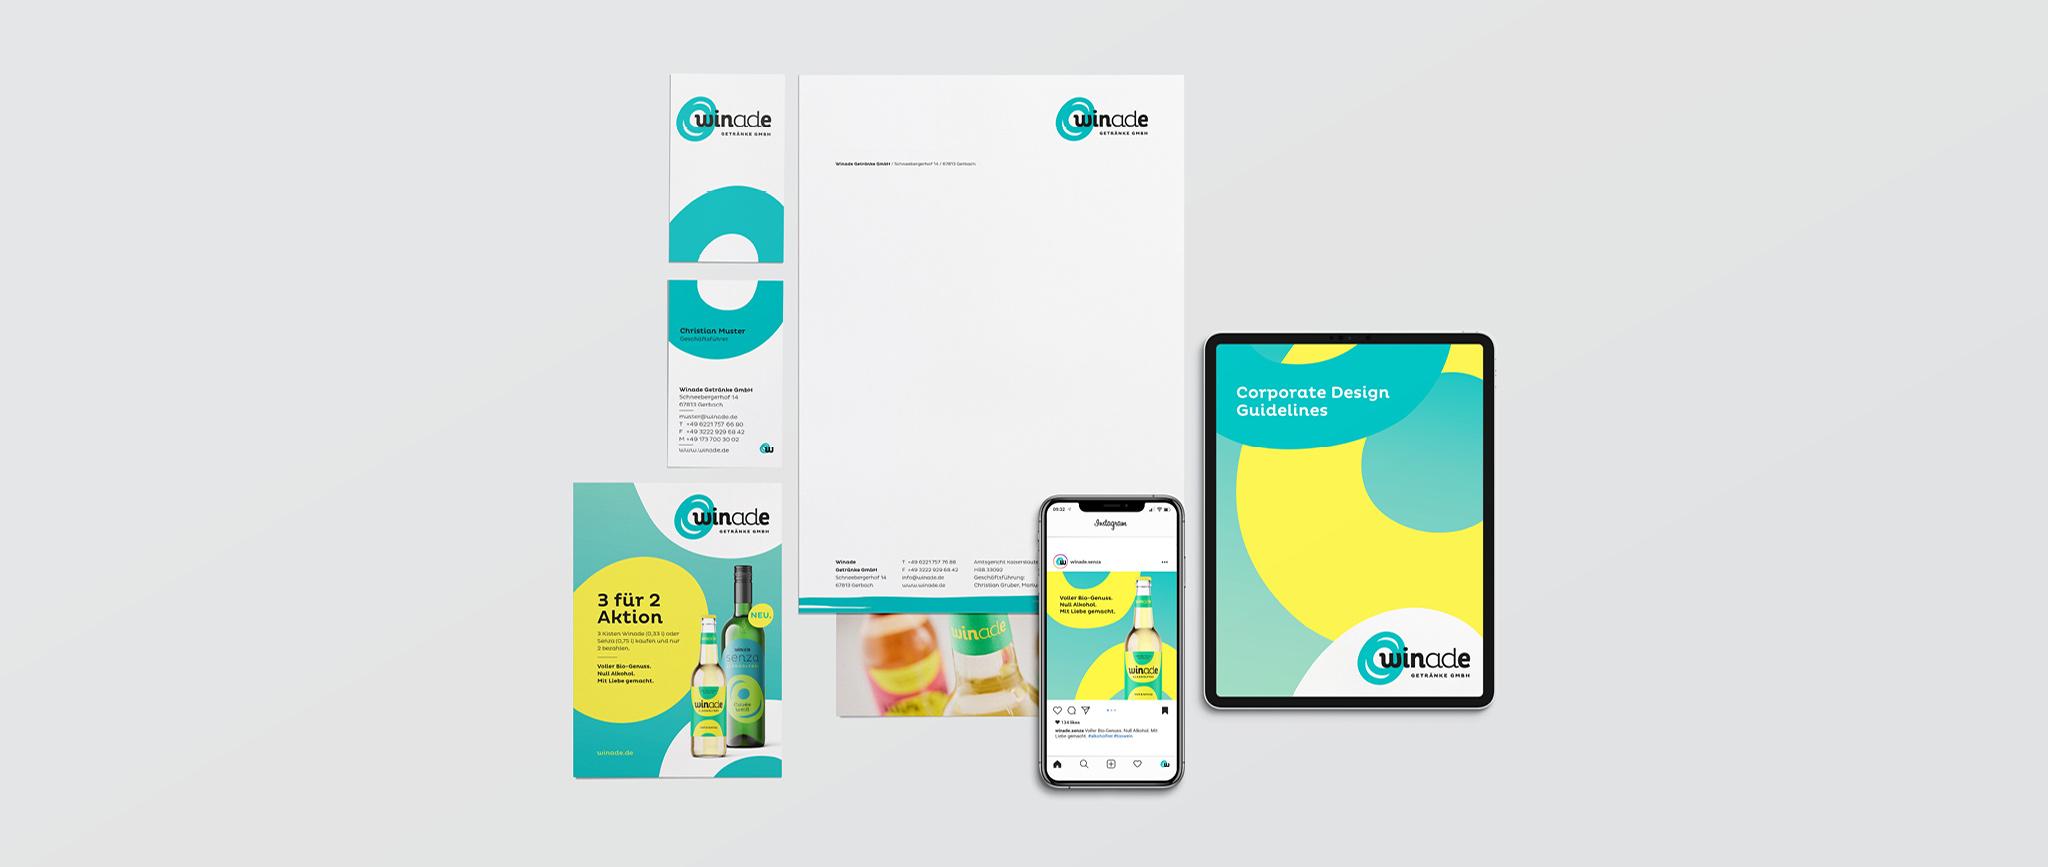 Winade Markenentwicklung: Stationary Anzeigen und Manual